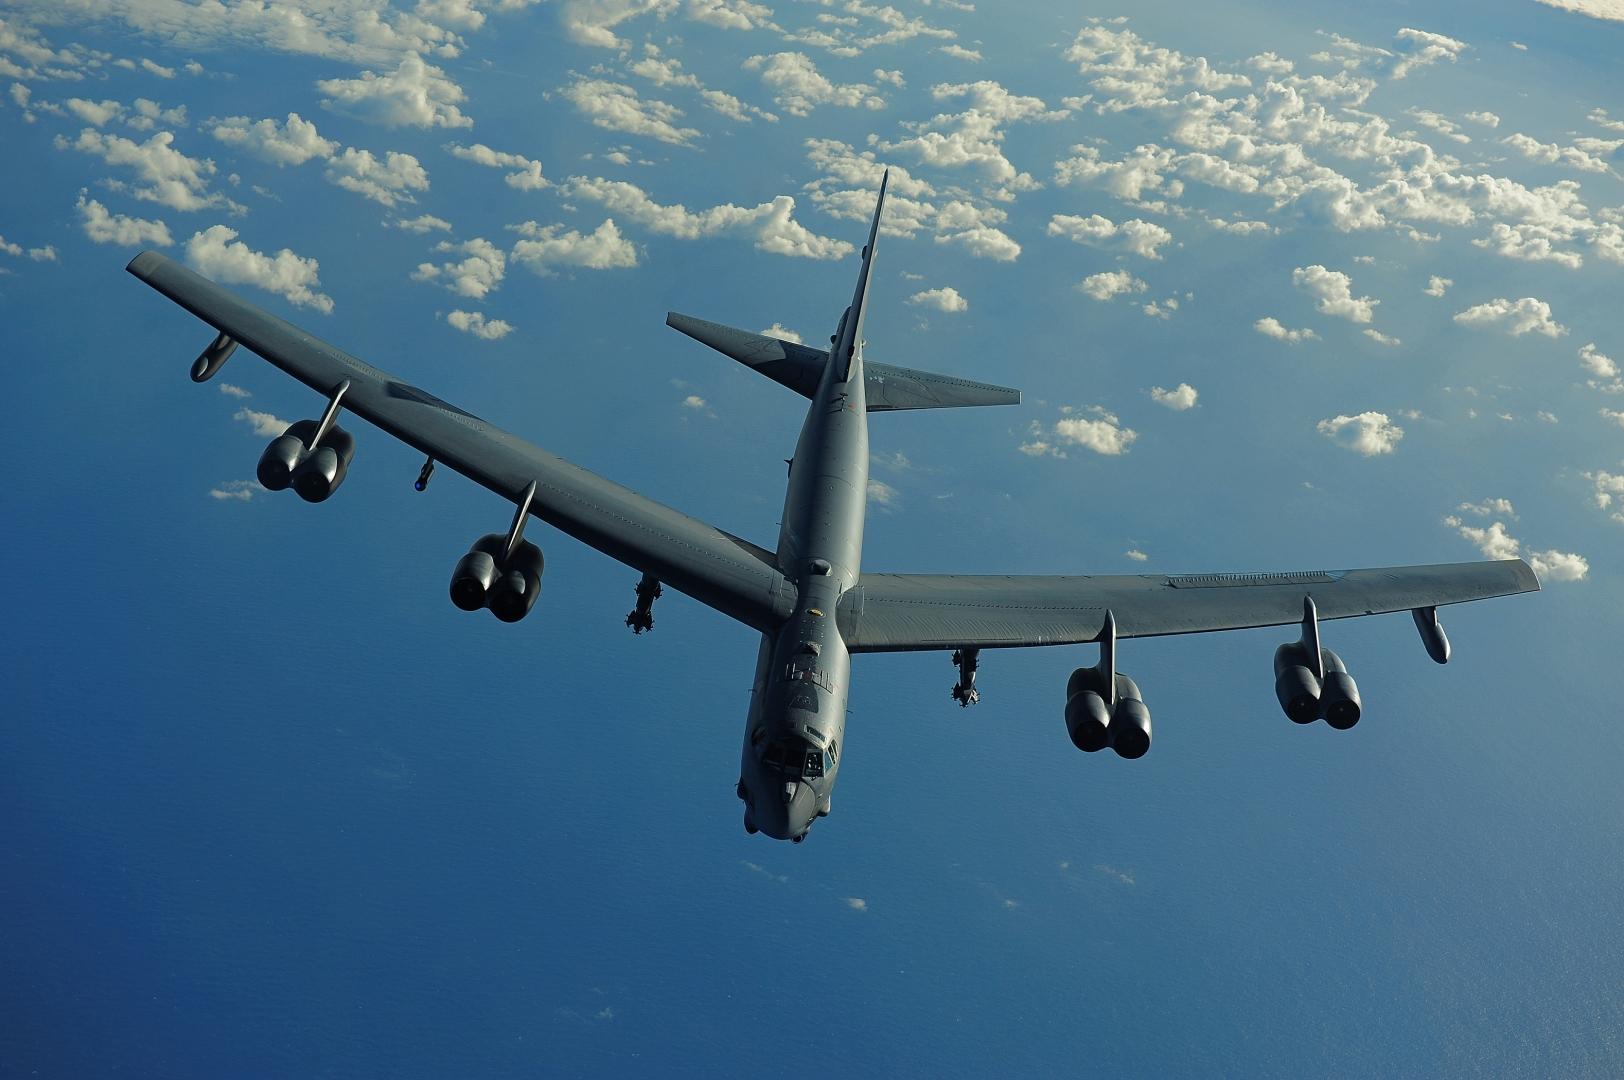 B-52 над Украиной: для чего бомбардировщики ВВС США провоцируют Россию